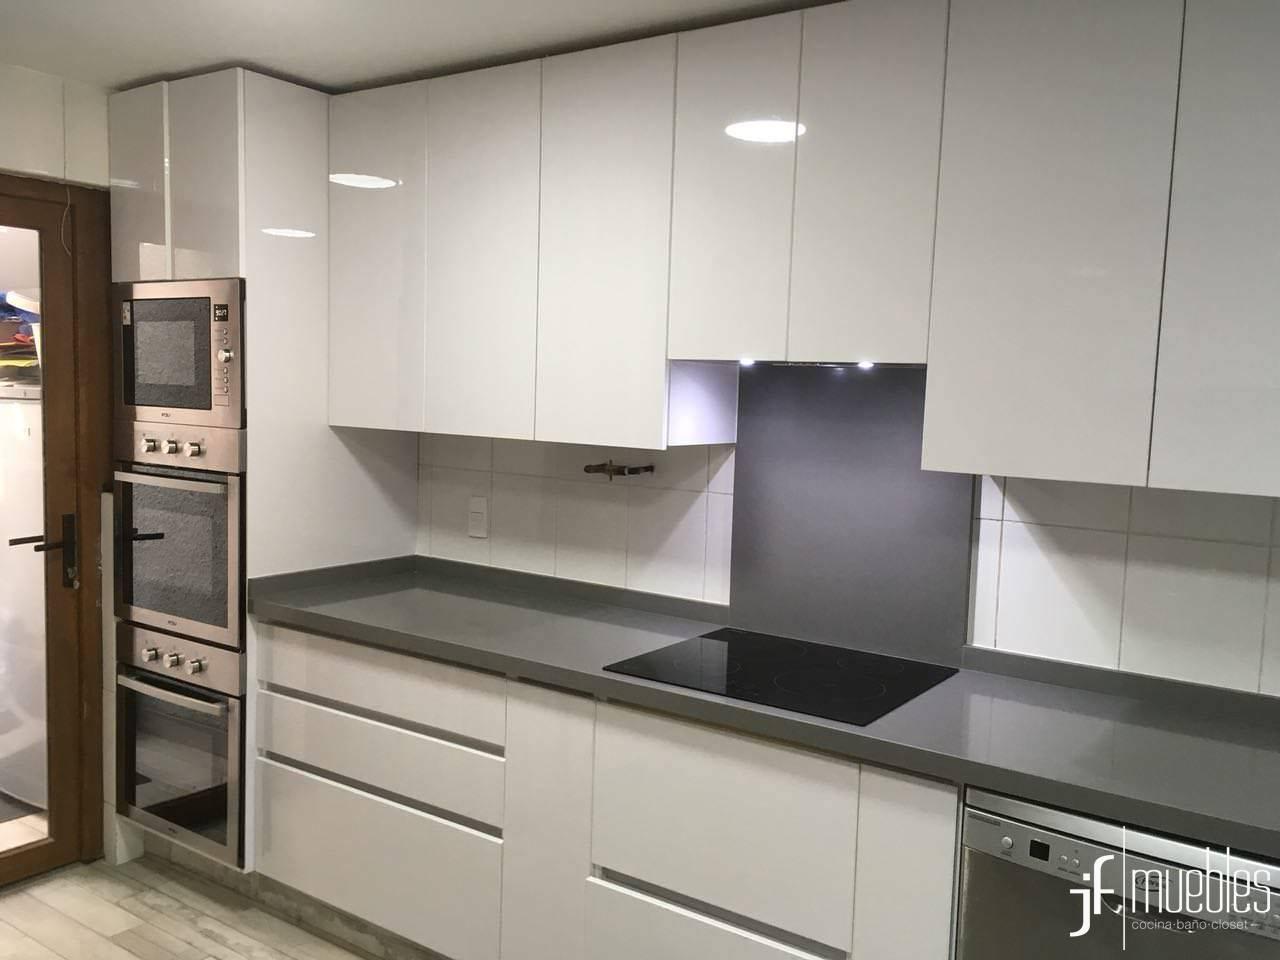 JF Muebles | Muebles de Cocina, Walk-In Closet | Muebles a medida